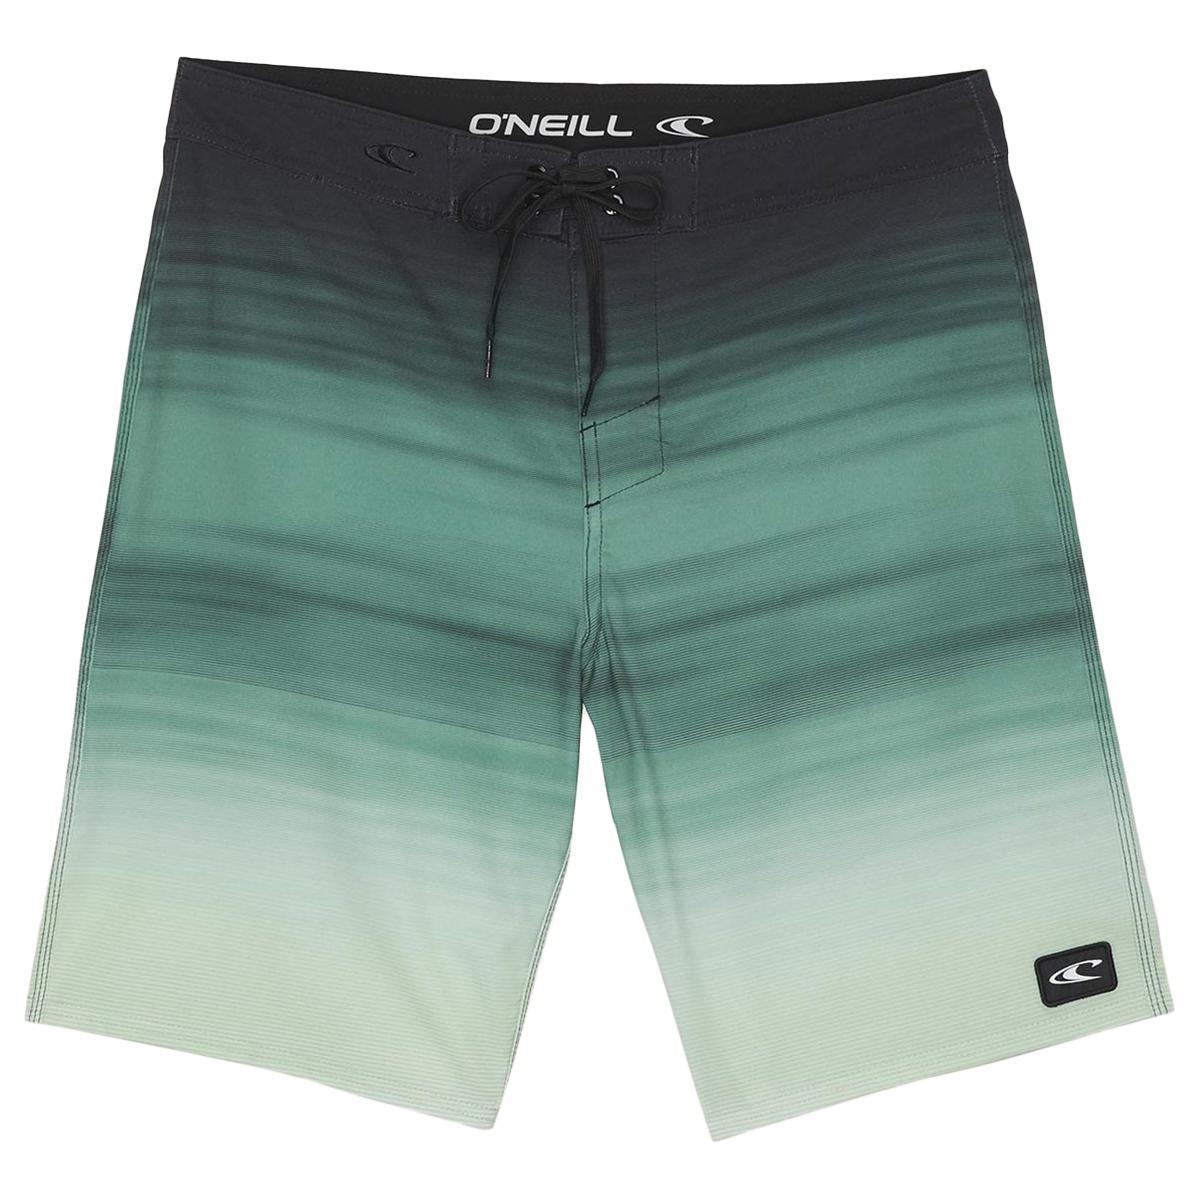 O'neill Men's Corban Boardshorts - Green, 30